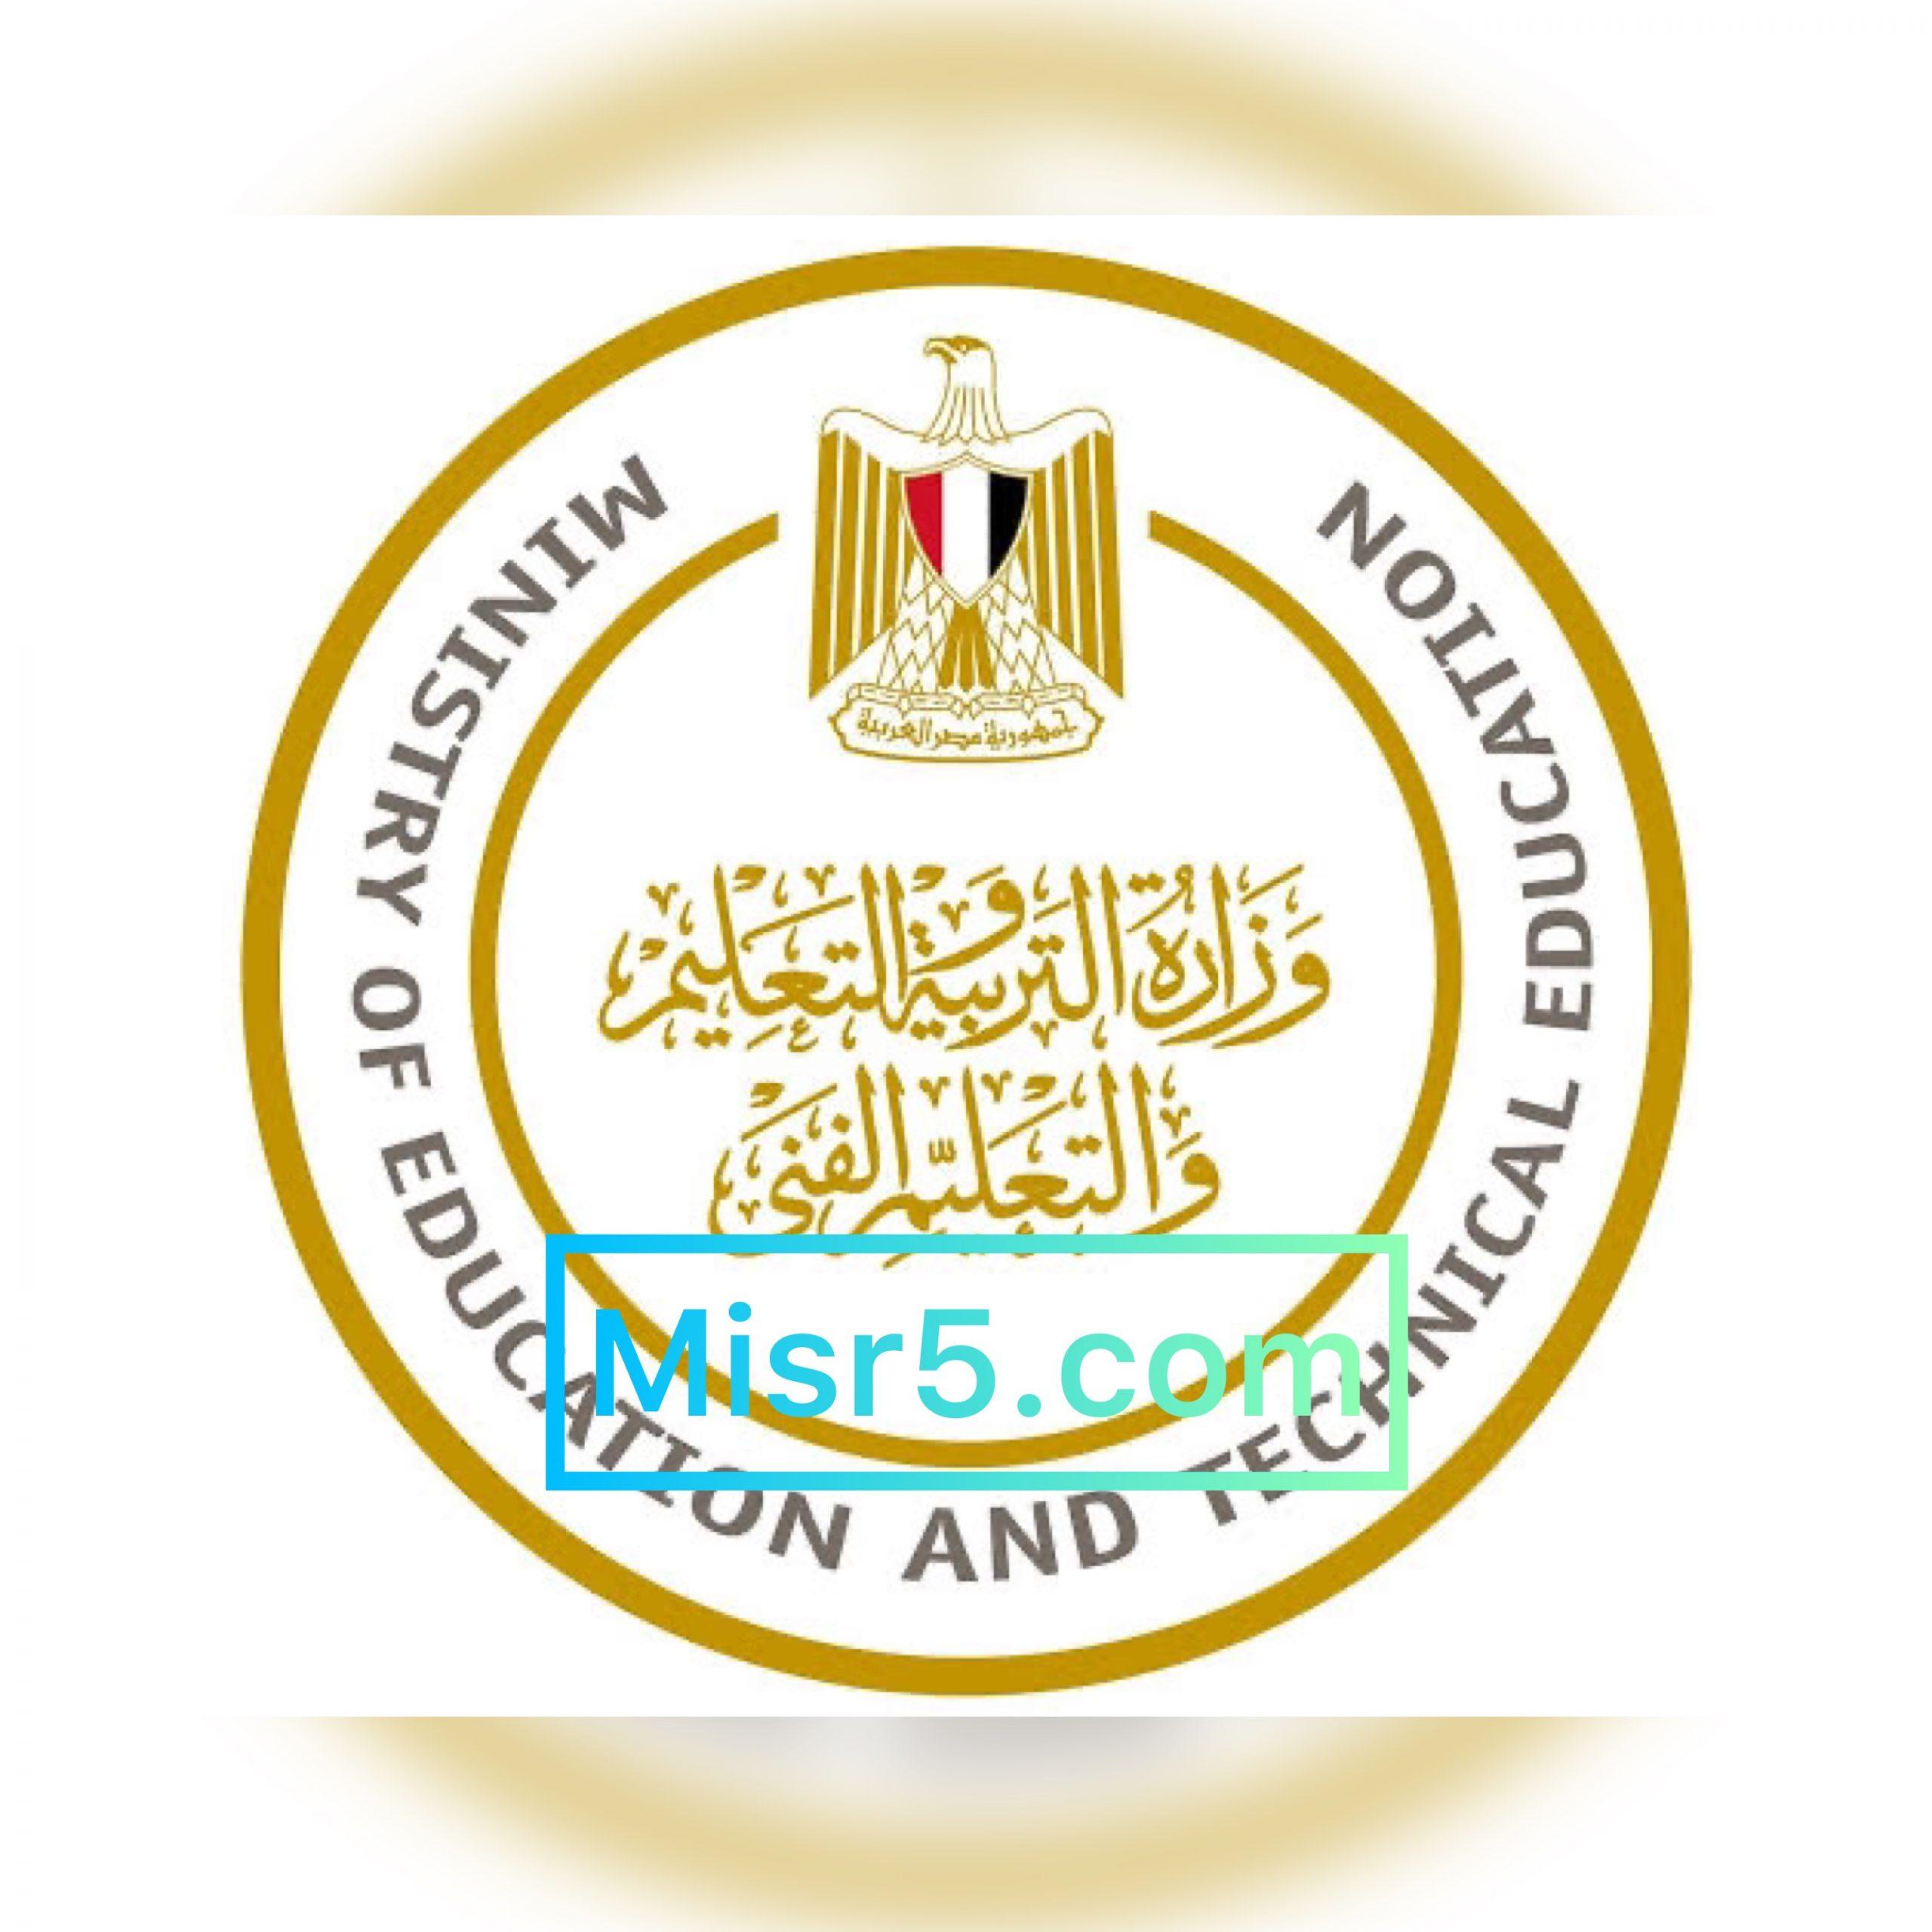 وزارة التربية والتعليم المصرية تقرر تأجيل الإمتحانات لهؤلاء الطلاب فقط